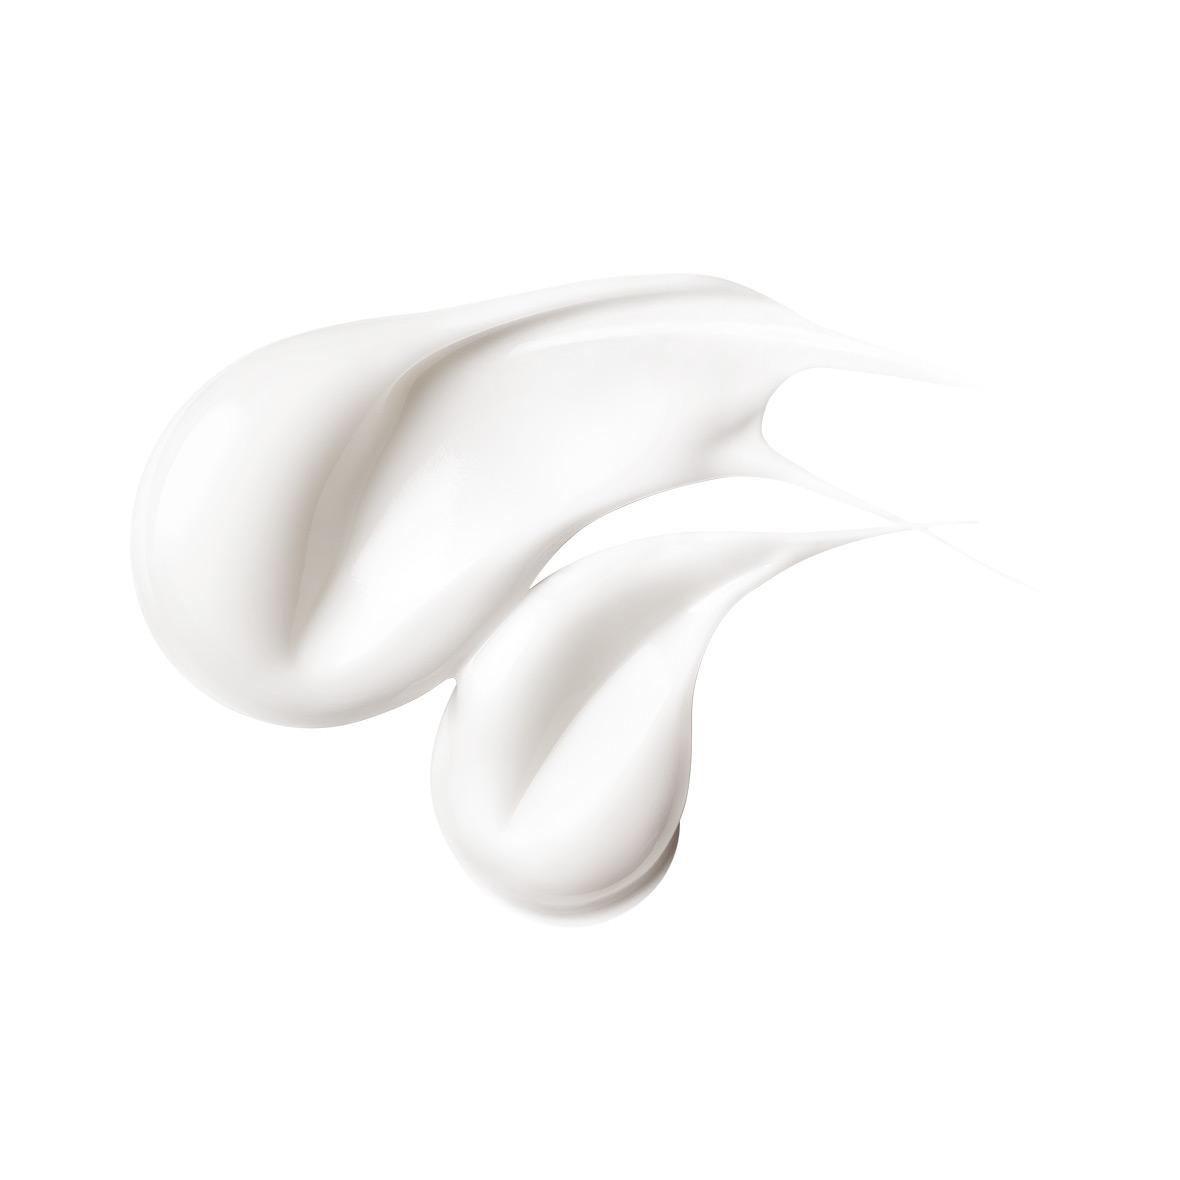 La Roche-Posay LIPIKAR 全效修護系列系列的LIPIKAR AP+M 全效抗敏修護霜 抗痕配方  產品圖片